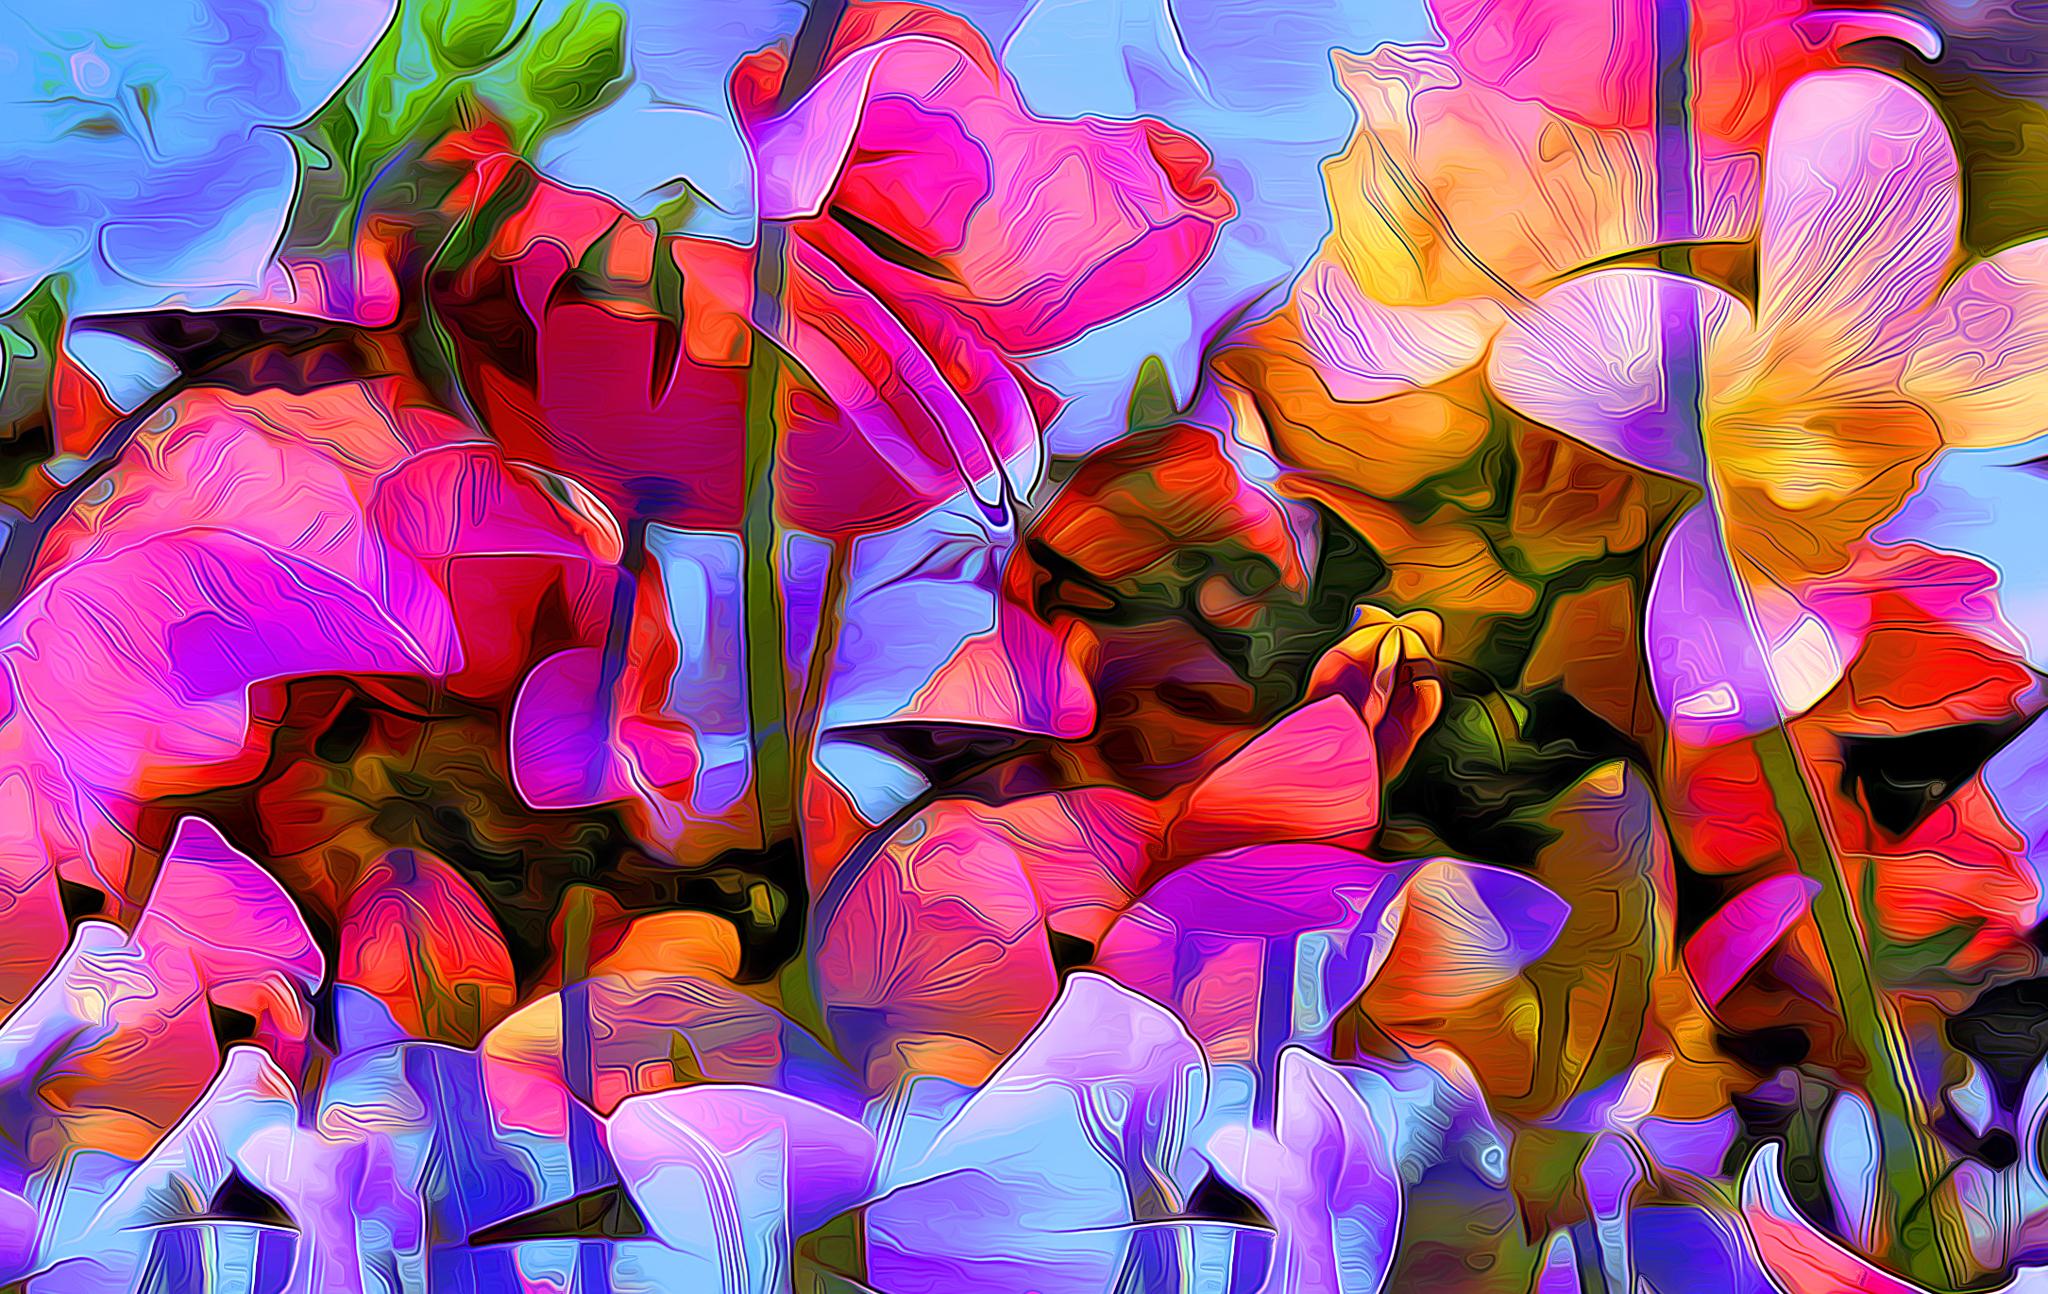 картинки с яркими красками на телефон акне